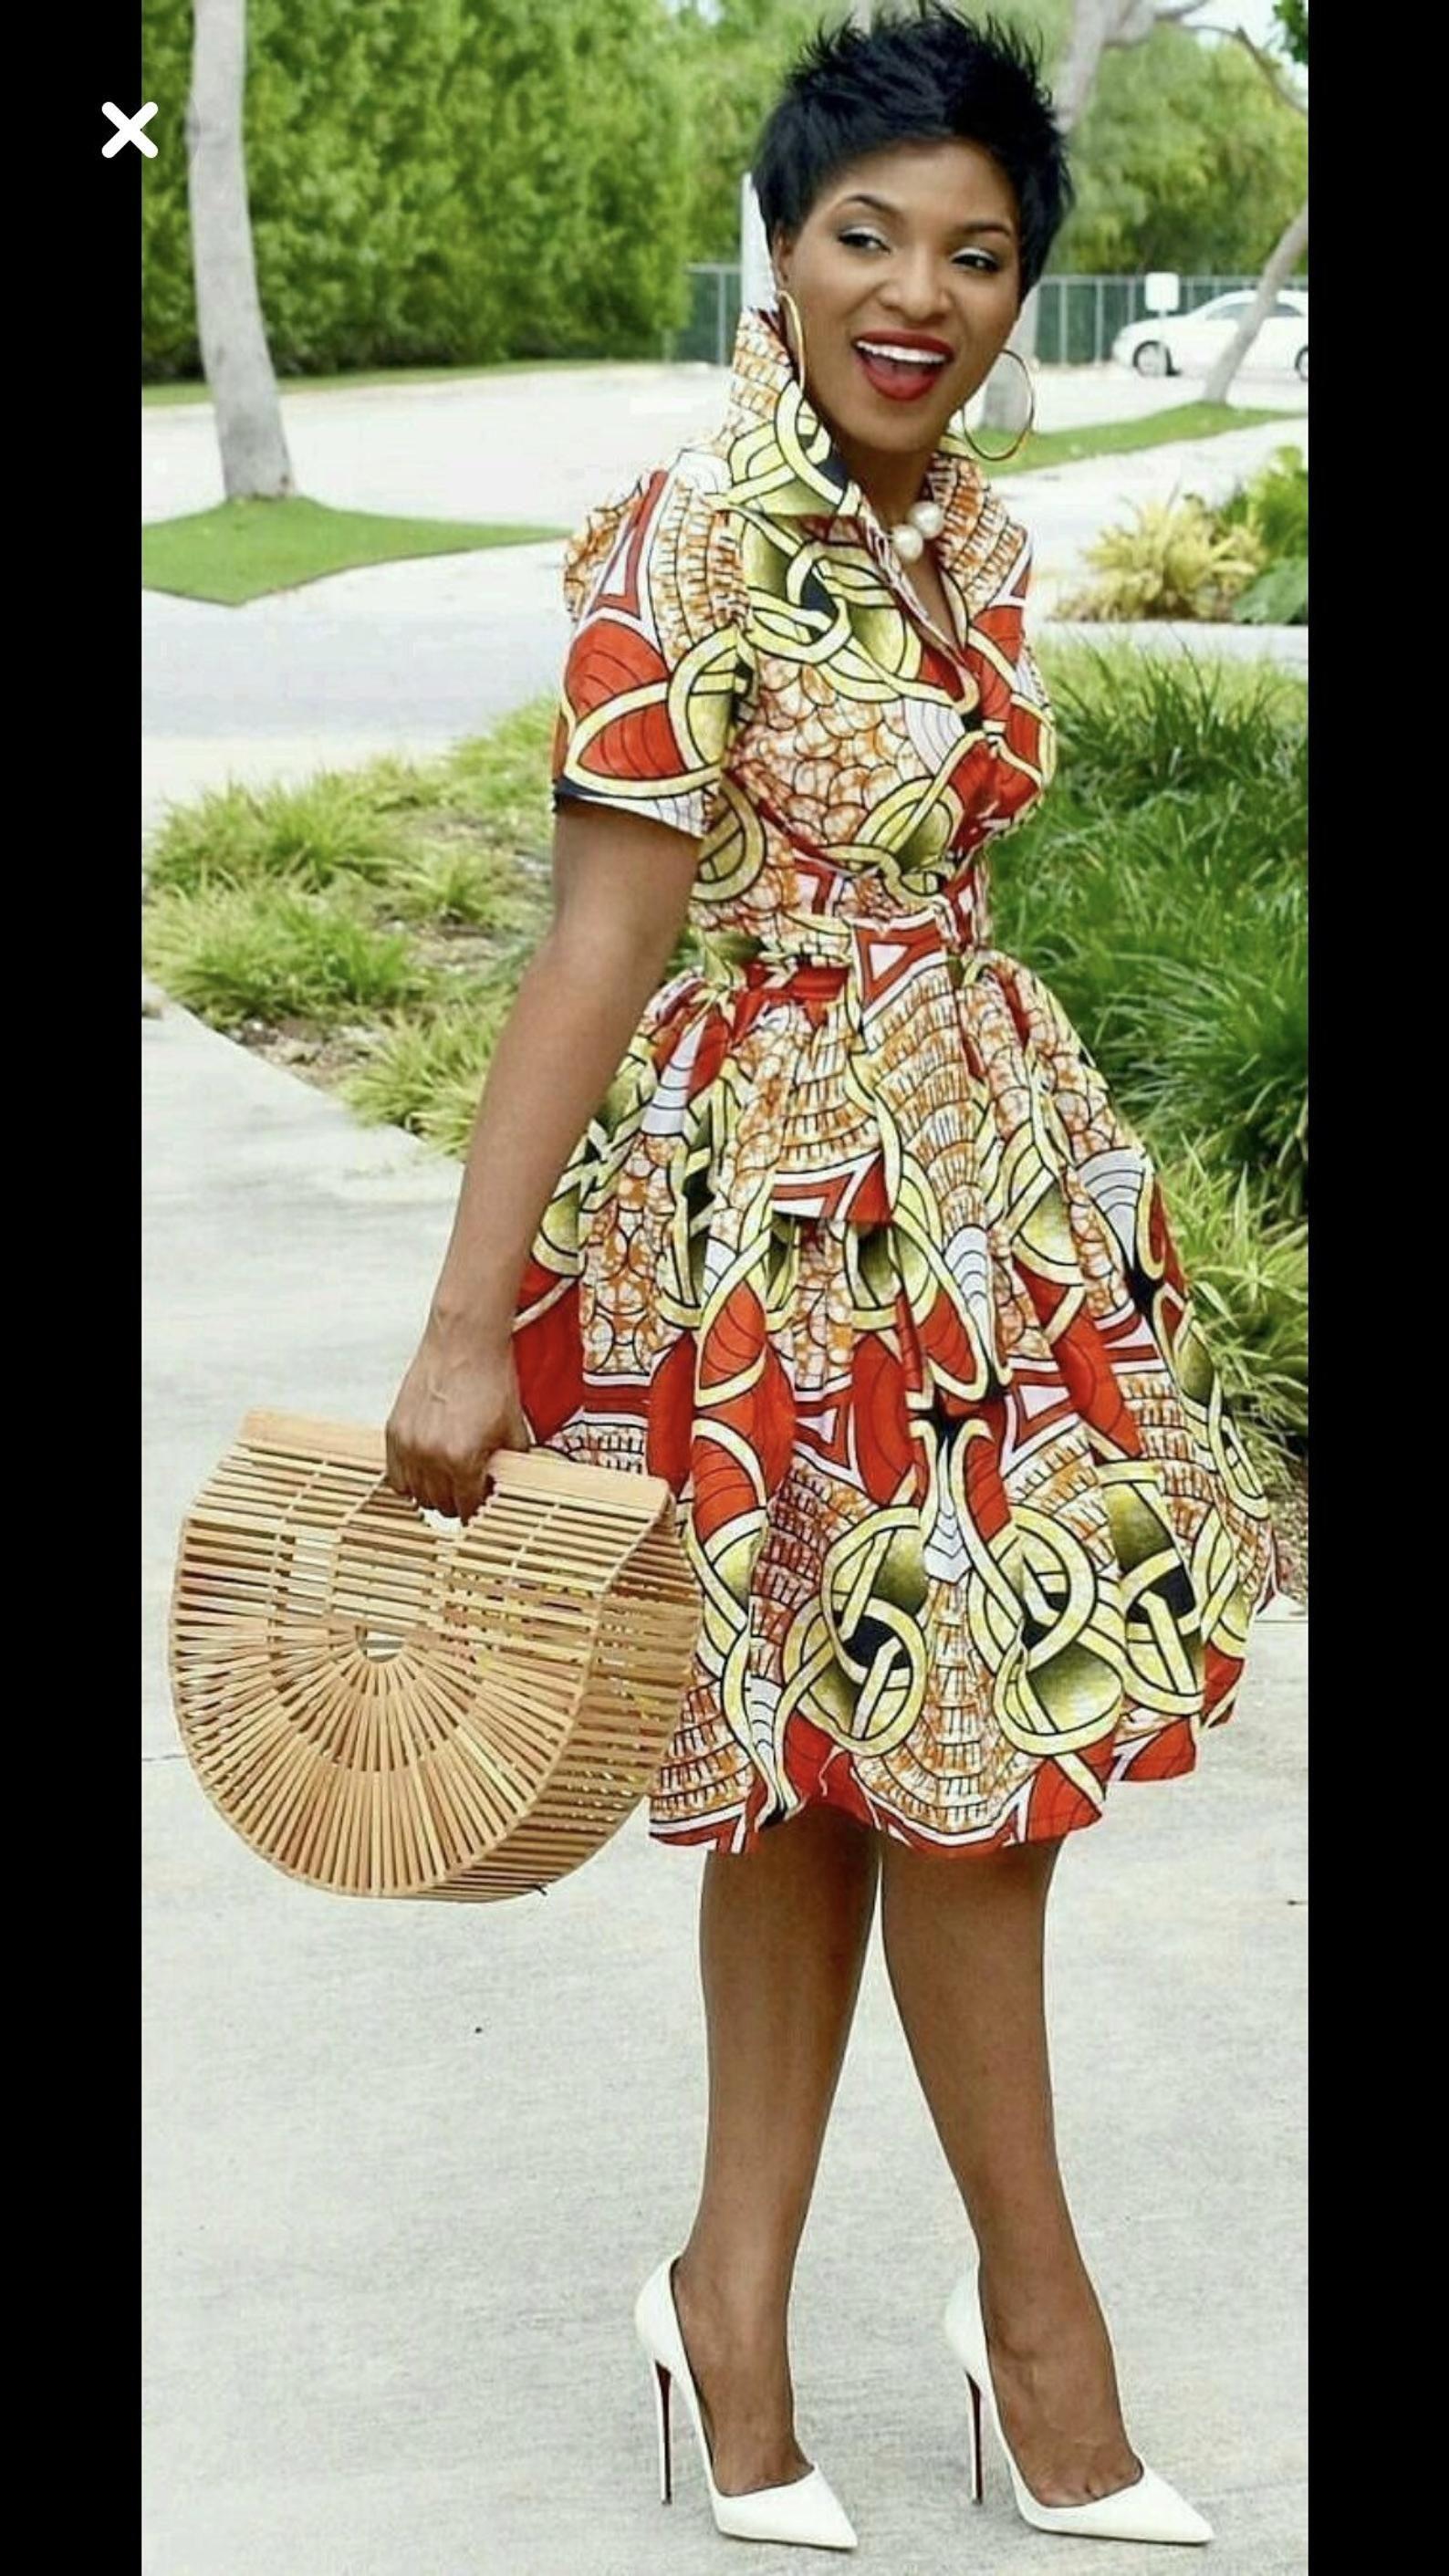 African clothing for women/ African prints dress for proms/ Ankara dress for weddings/ African shirtdress/Ankara shirtdressGY450 #afrikanischeskleid